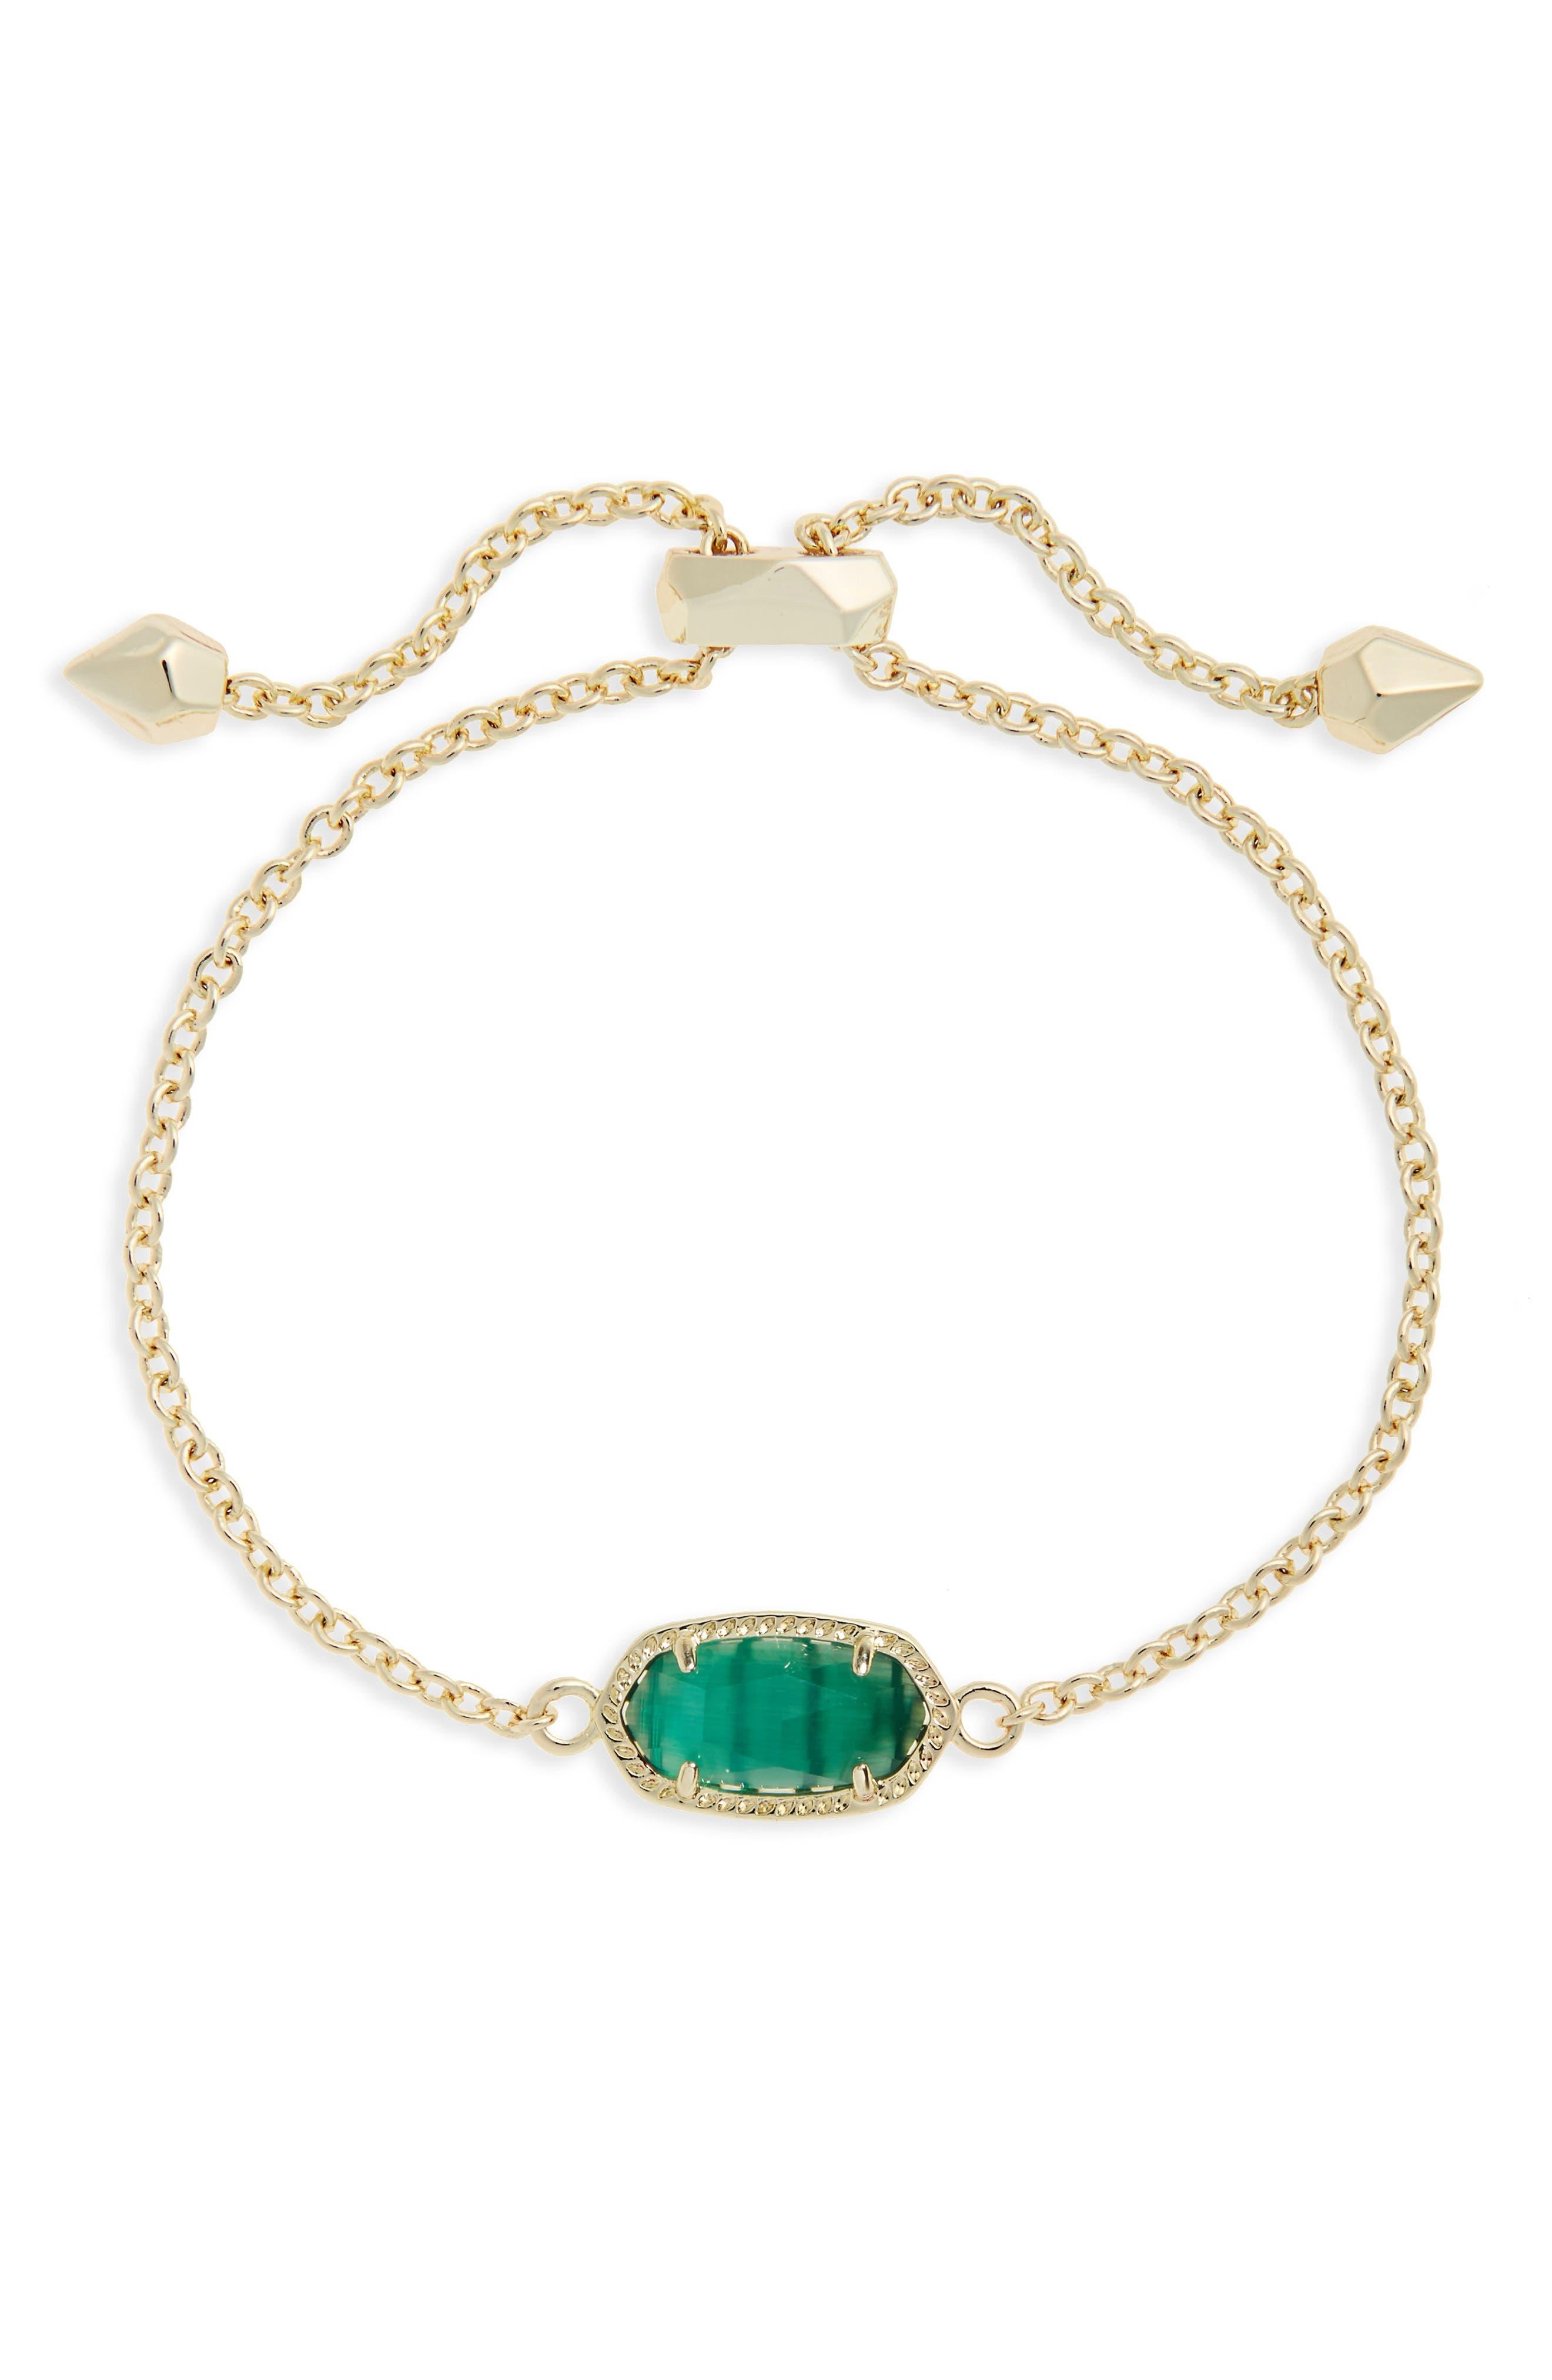 Main Image - Kendra Scott Elaina Birthstone Bracelet